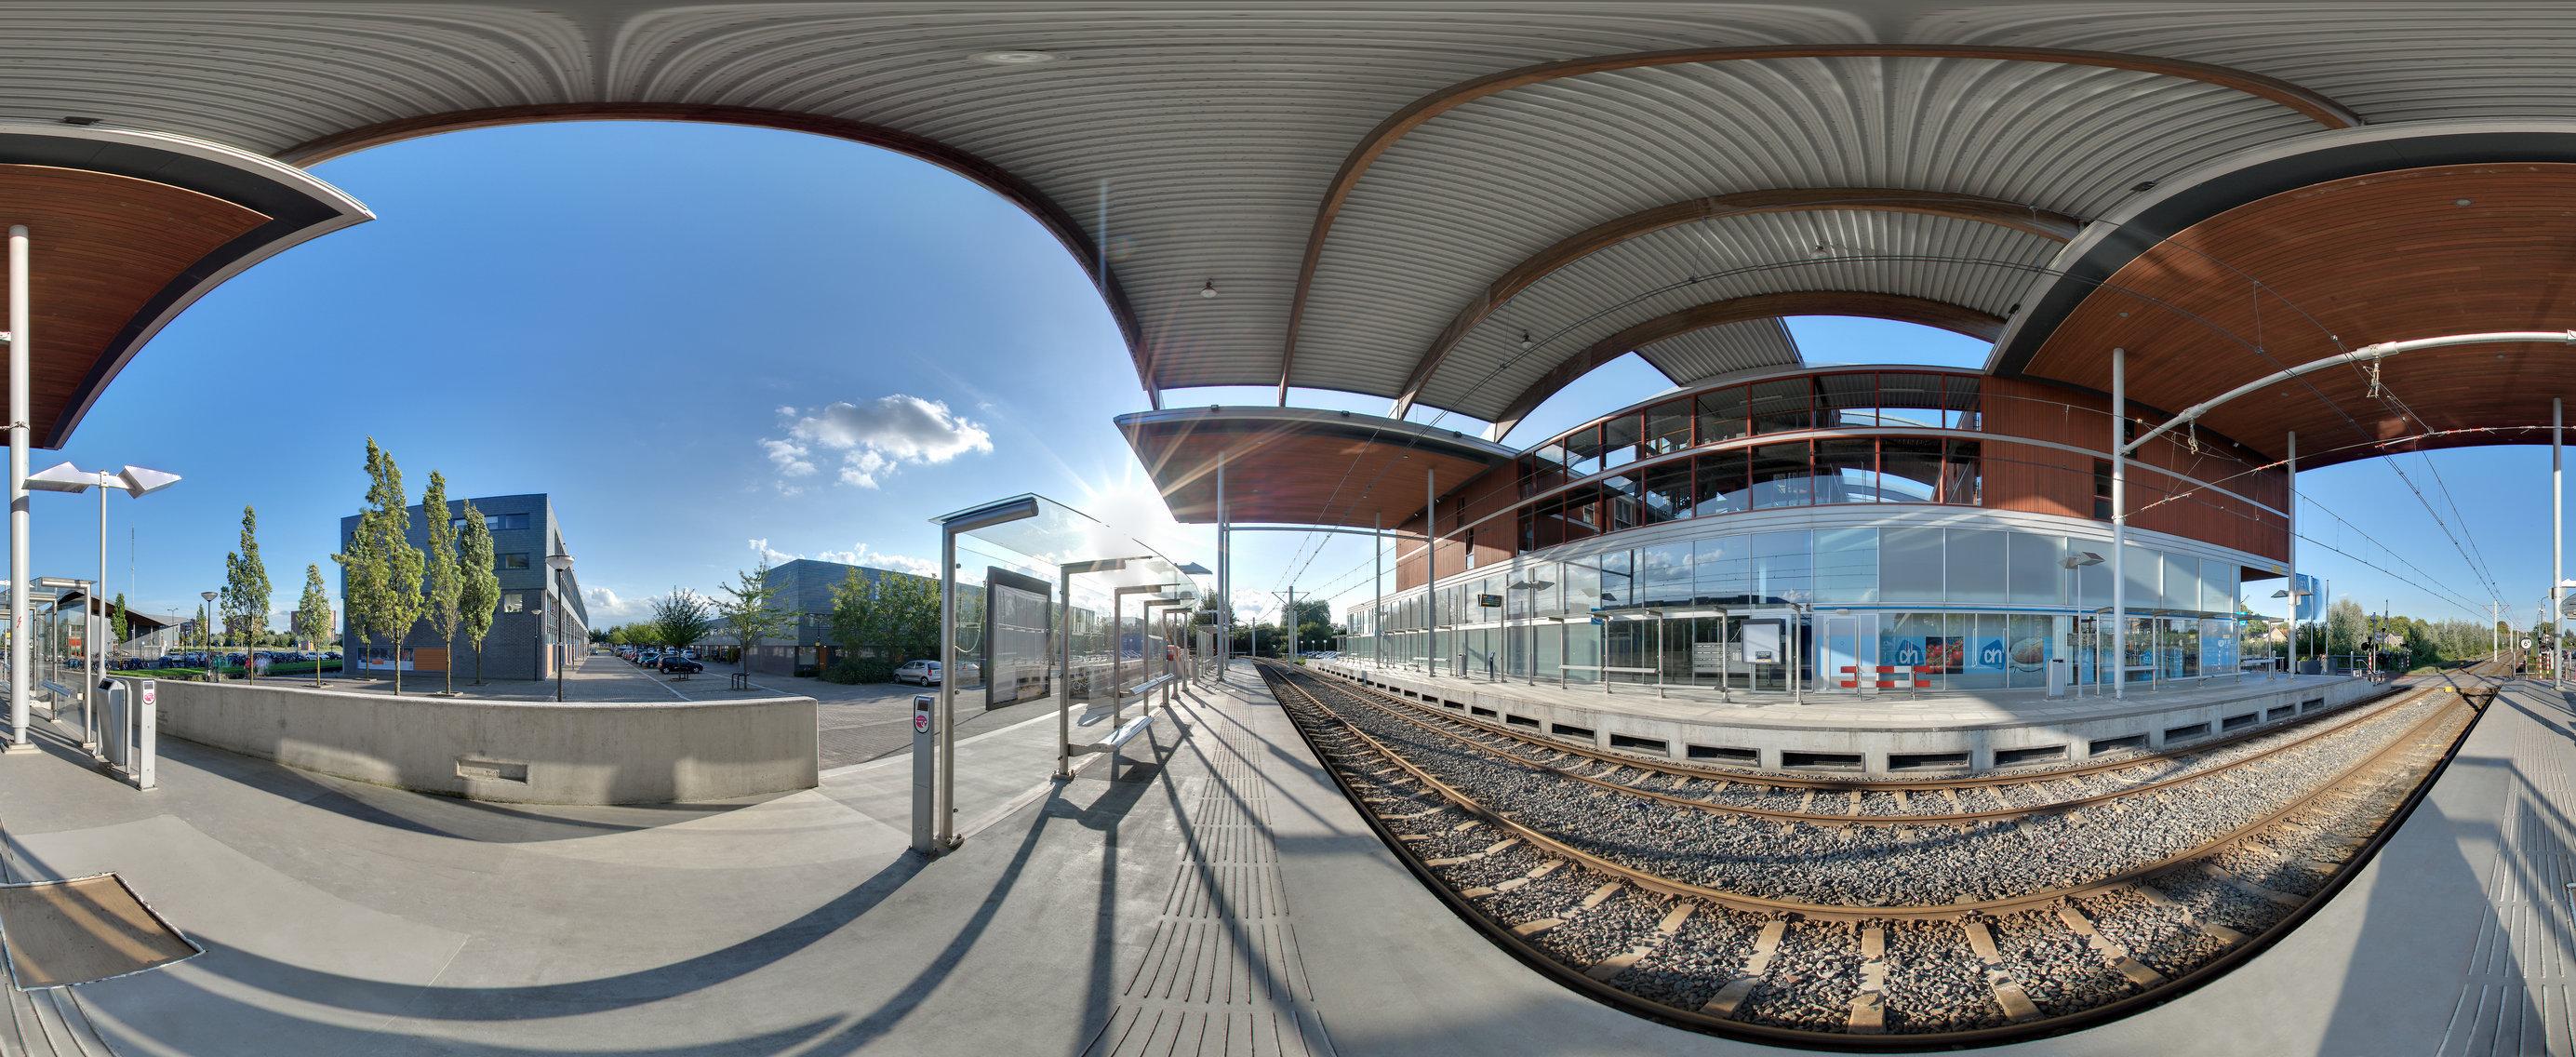 Tramstation IJsselstein Binnenstad